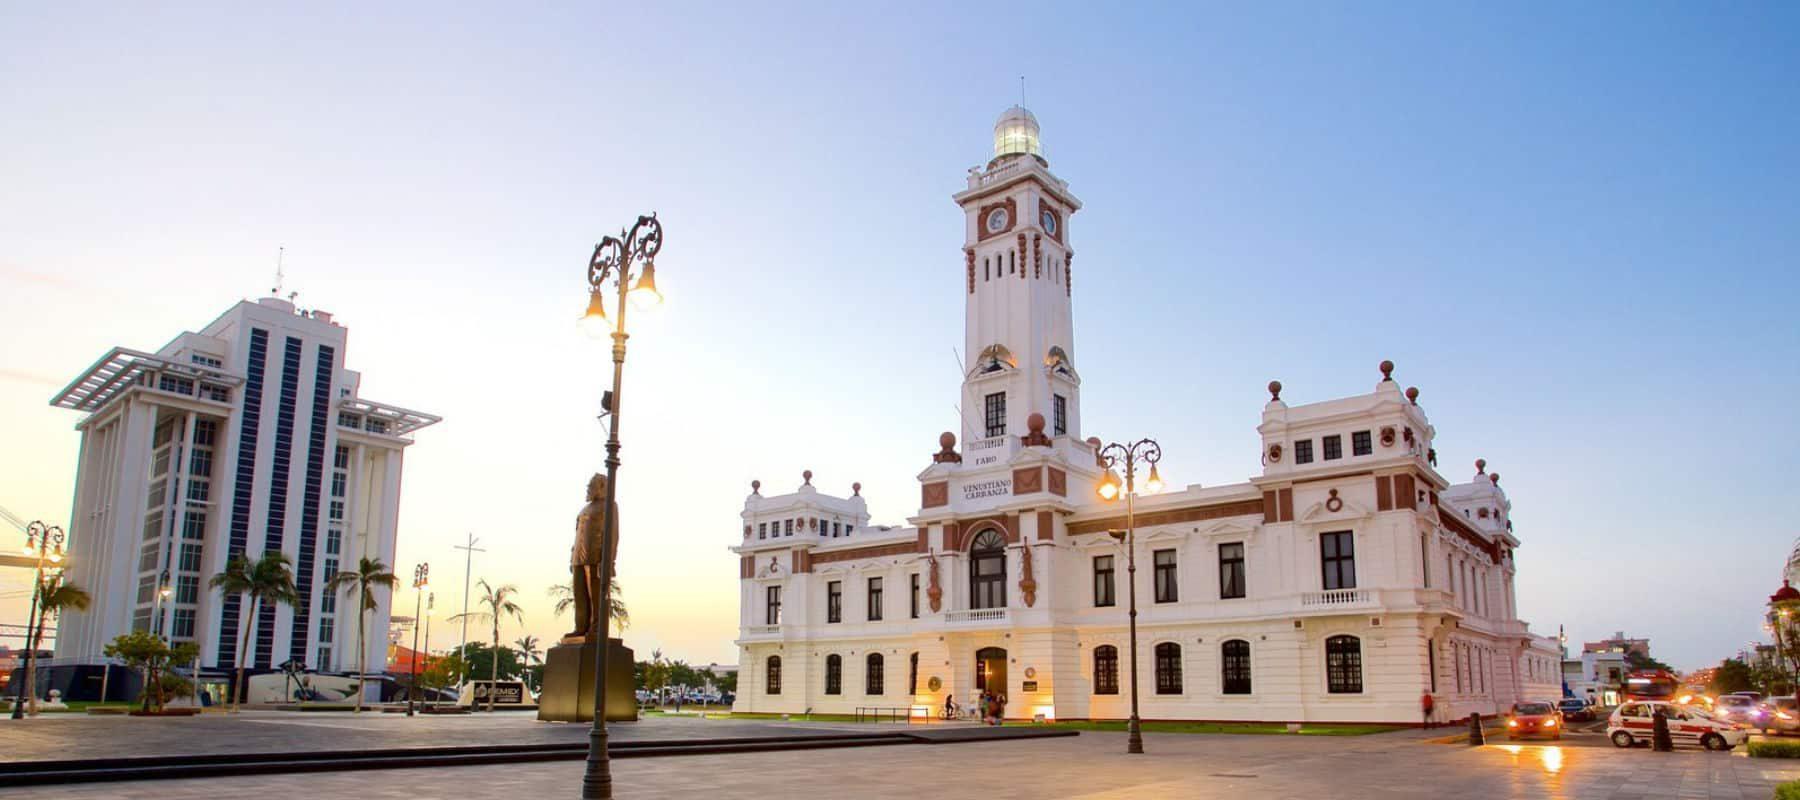 Turismo En Veracruz Travel Guide